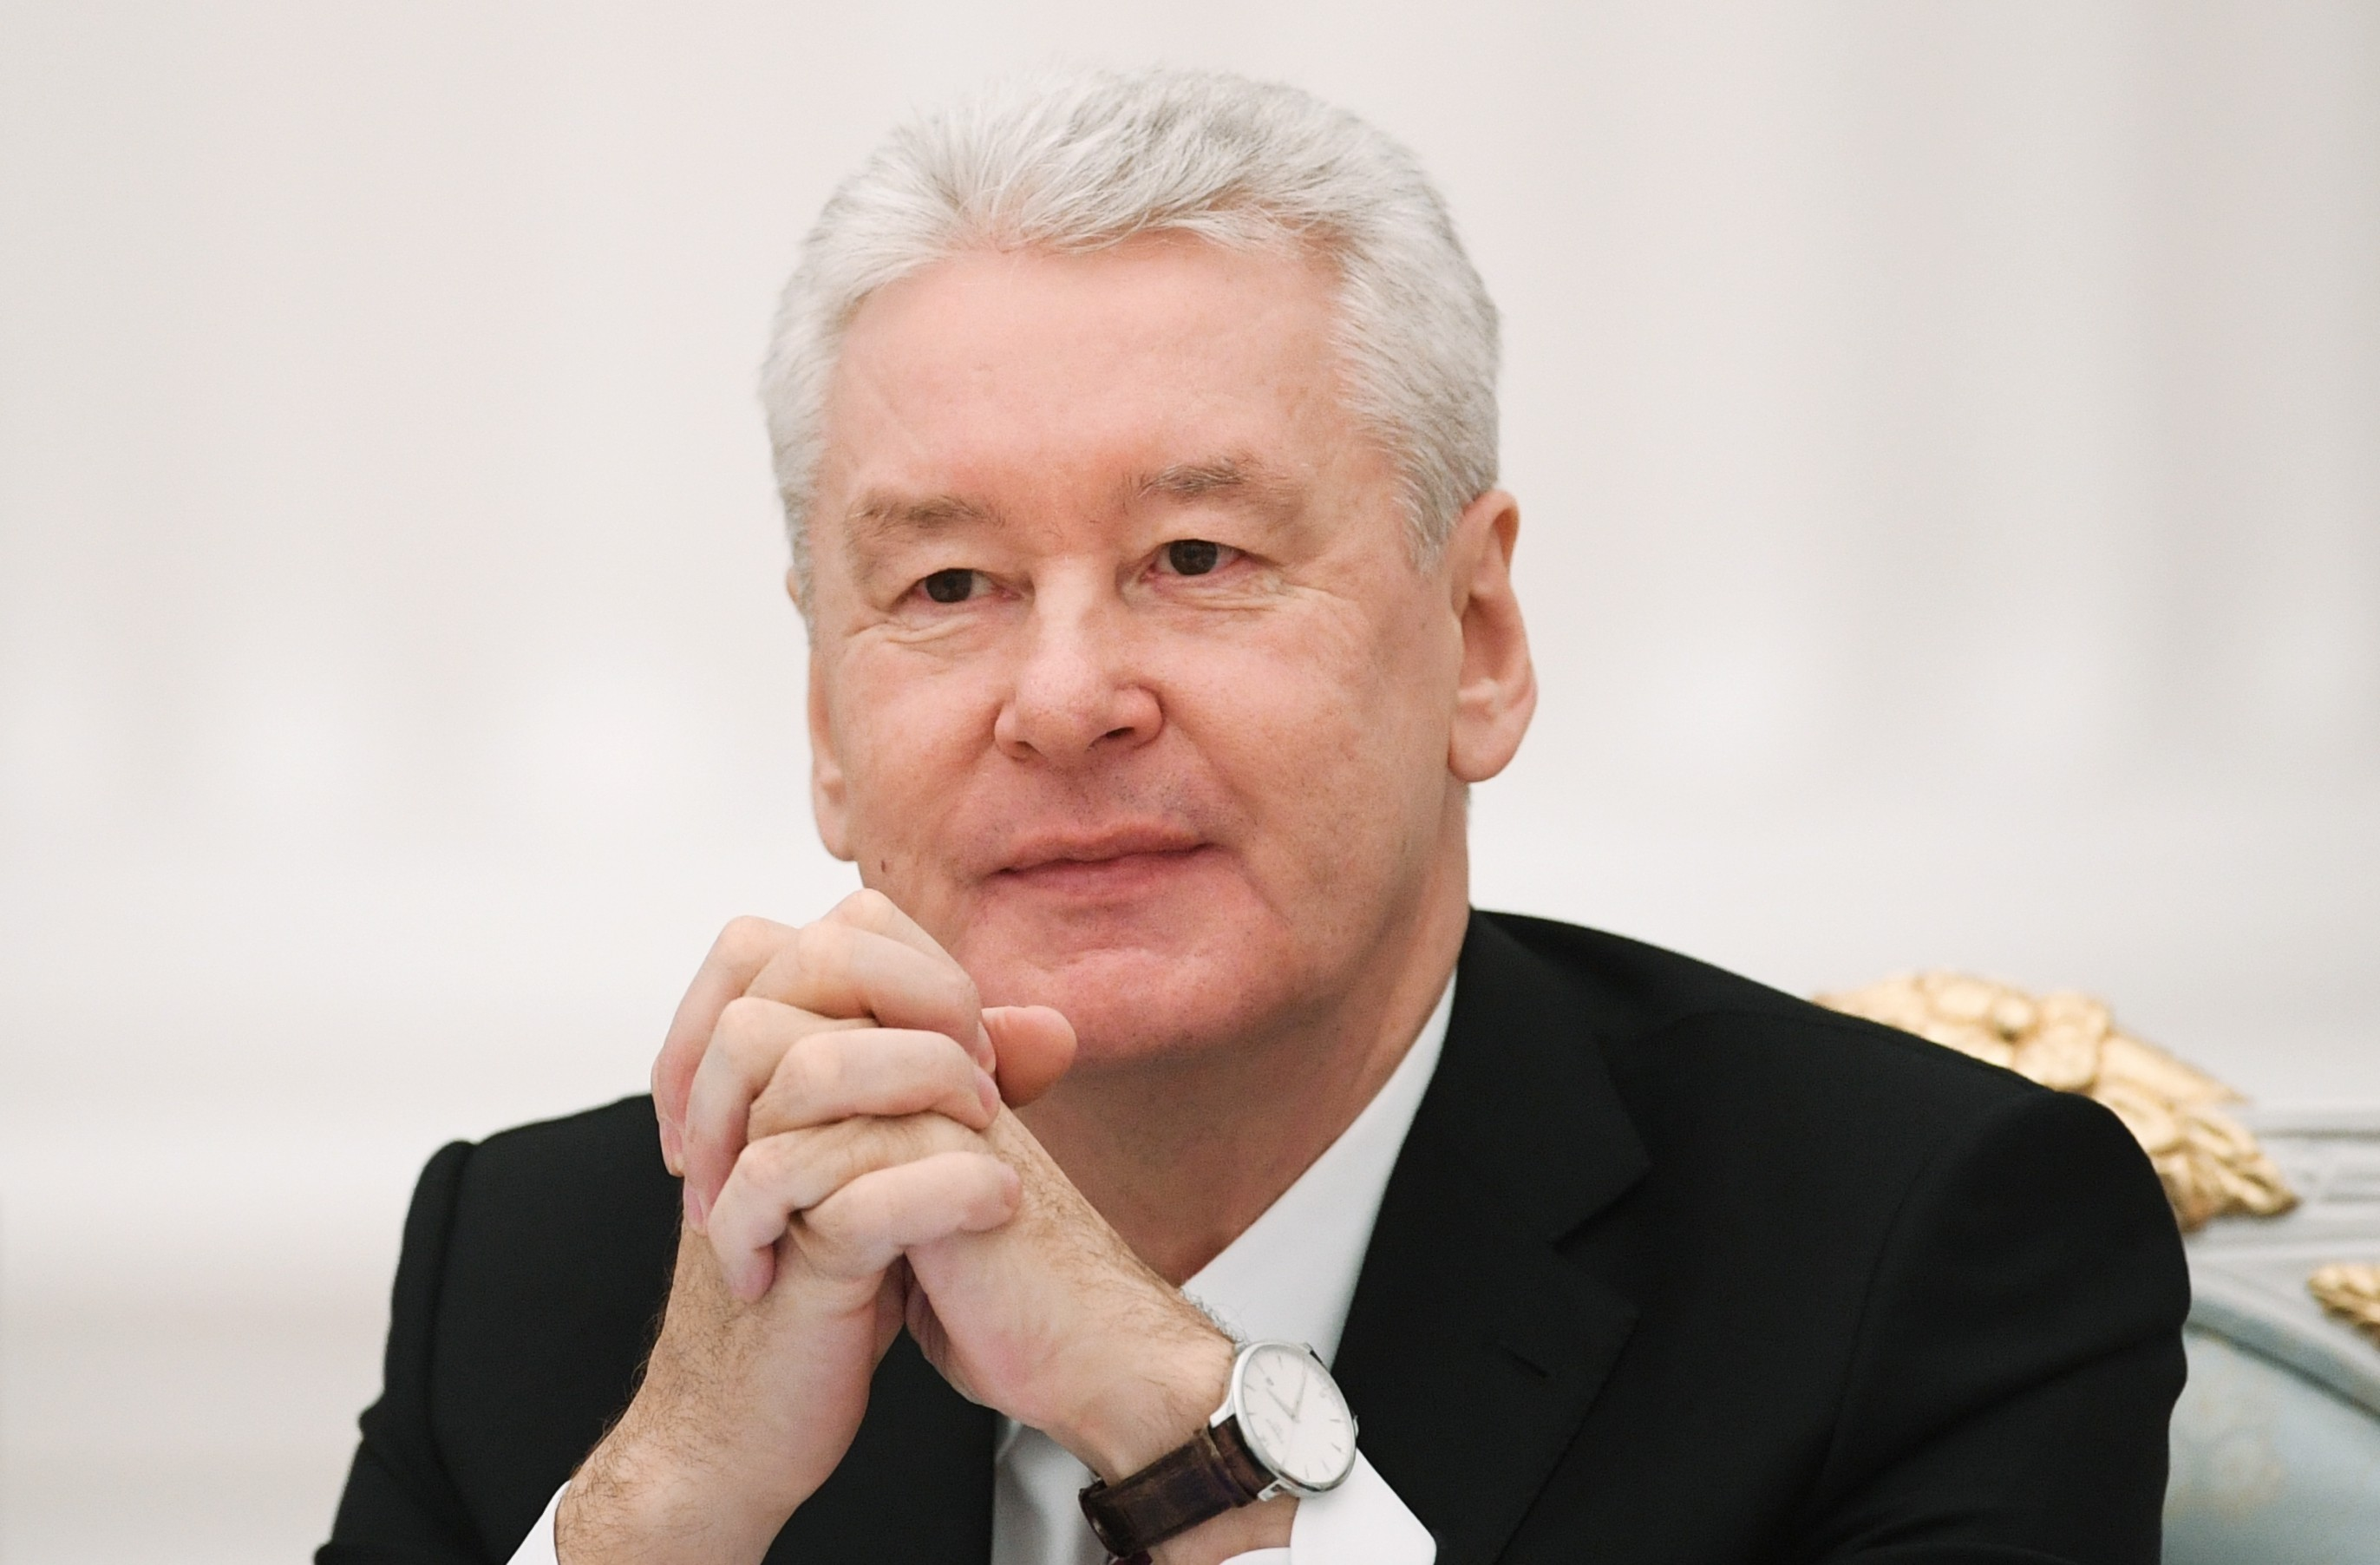 <p>Мэр Москвы Сергей Собянин. Фото: &copy; РИА Новости/Евгений Биятов</p>